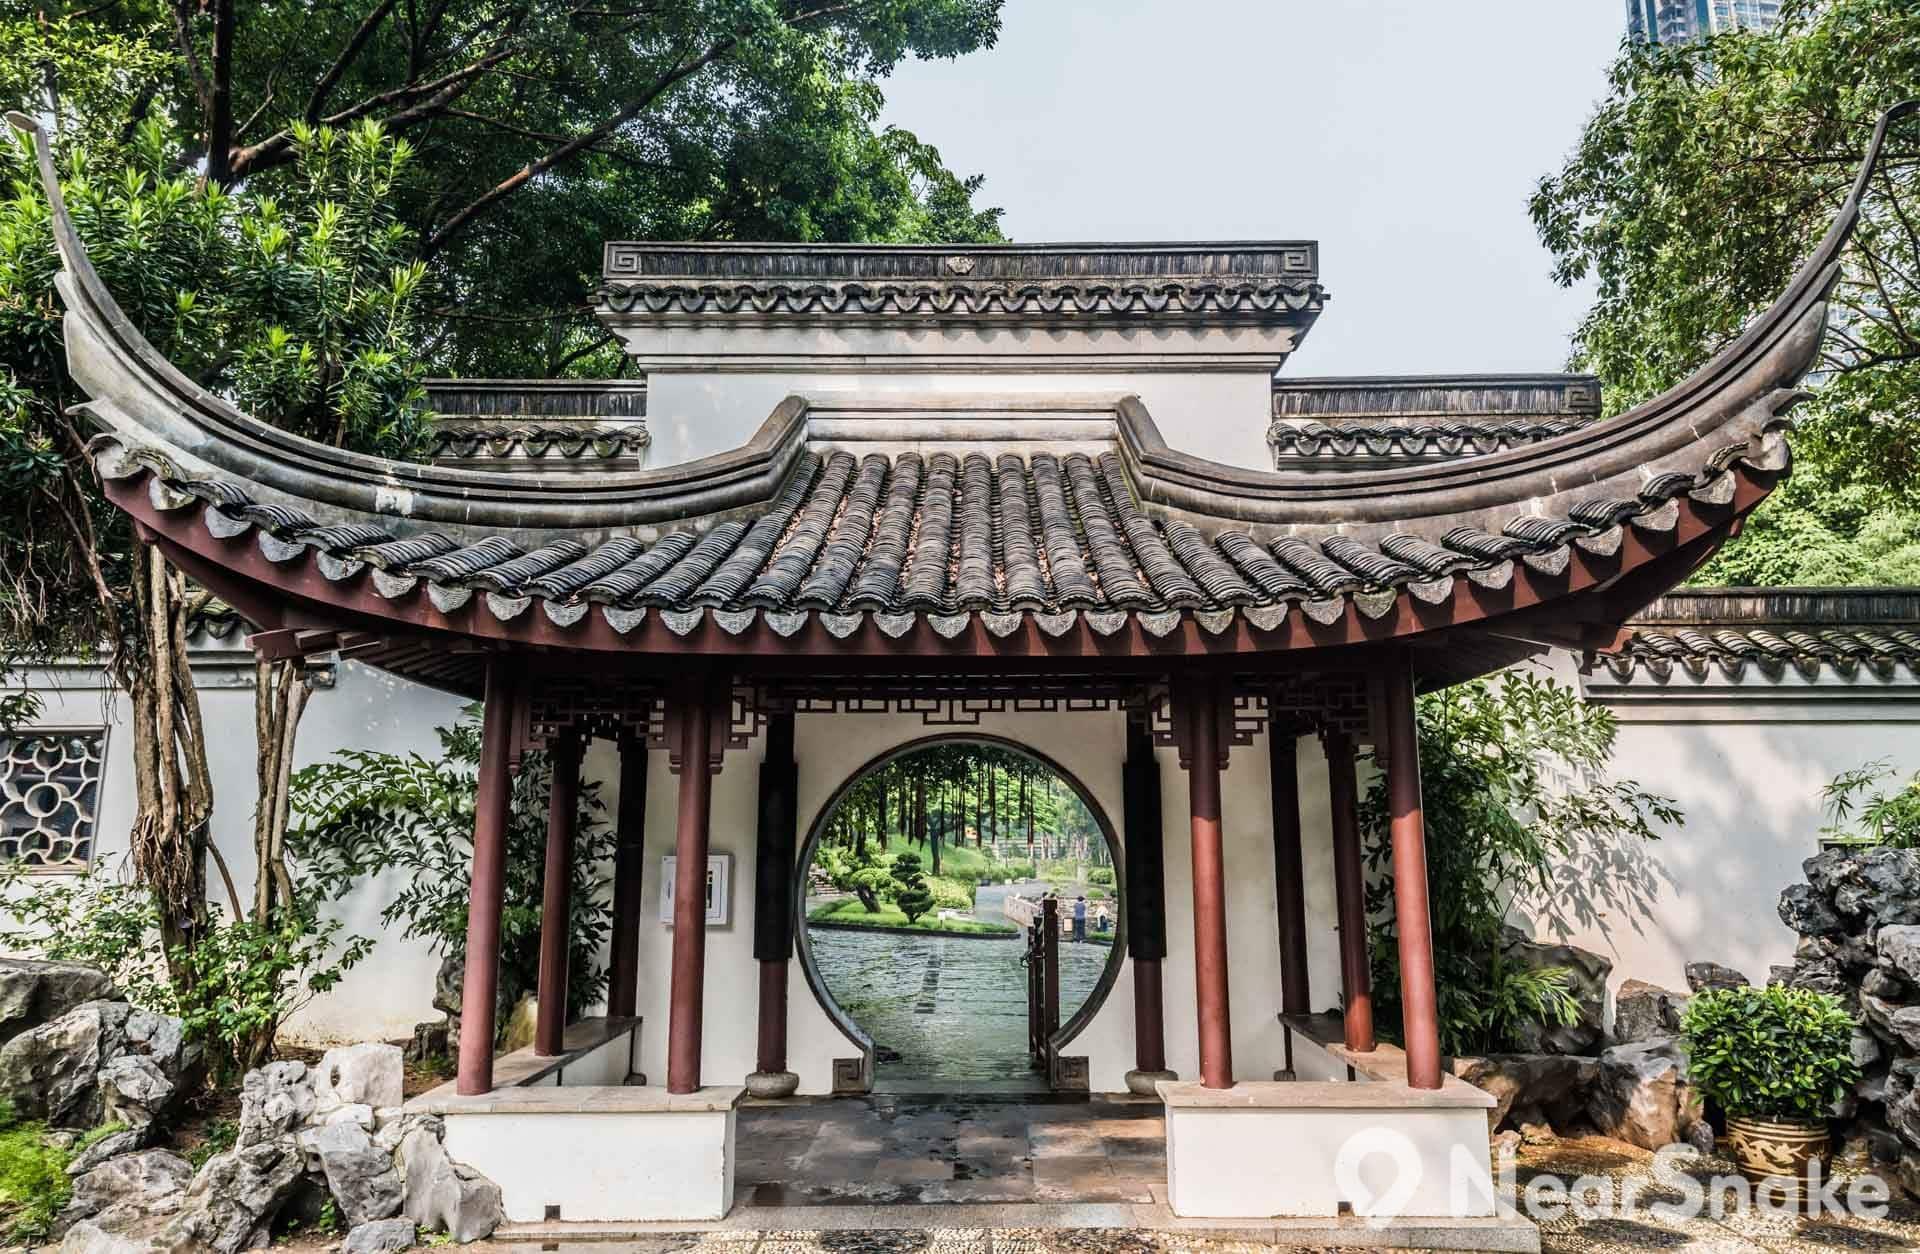 九龍寨城公園建築古色古香,很難想像曾是罪犯匿藏的不法之地。